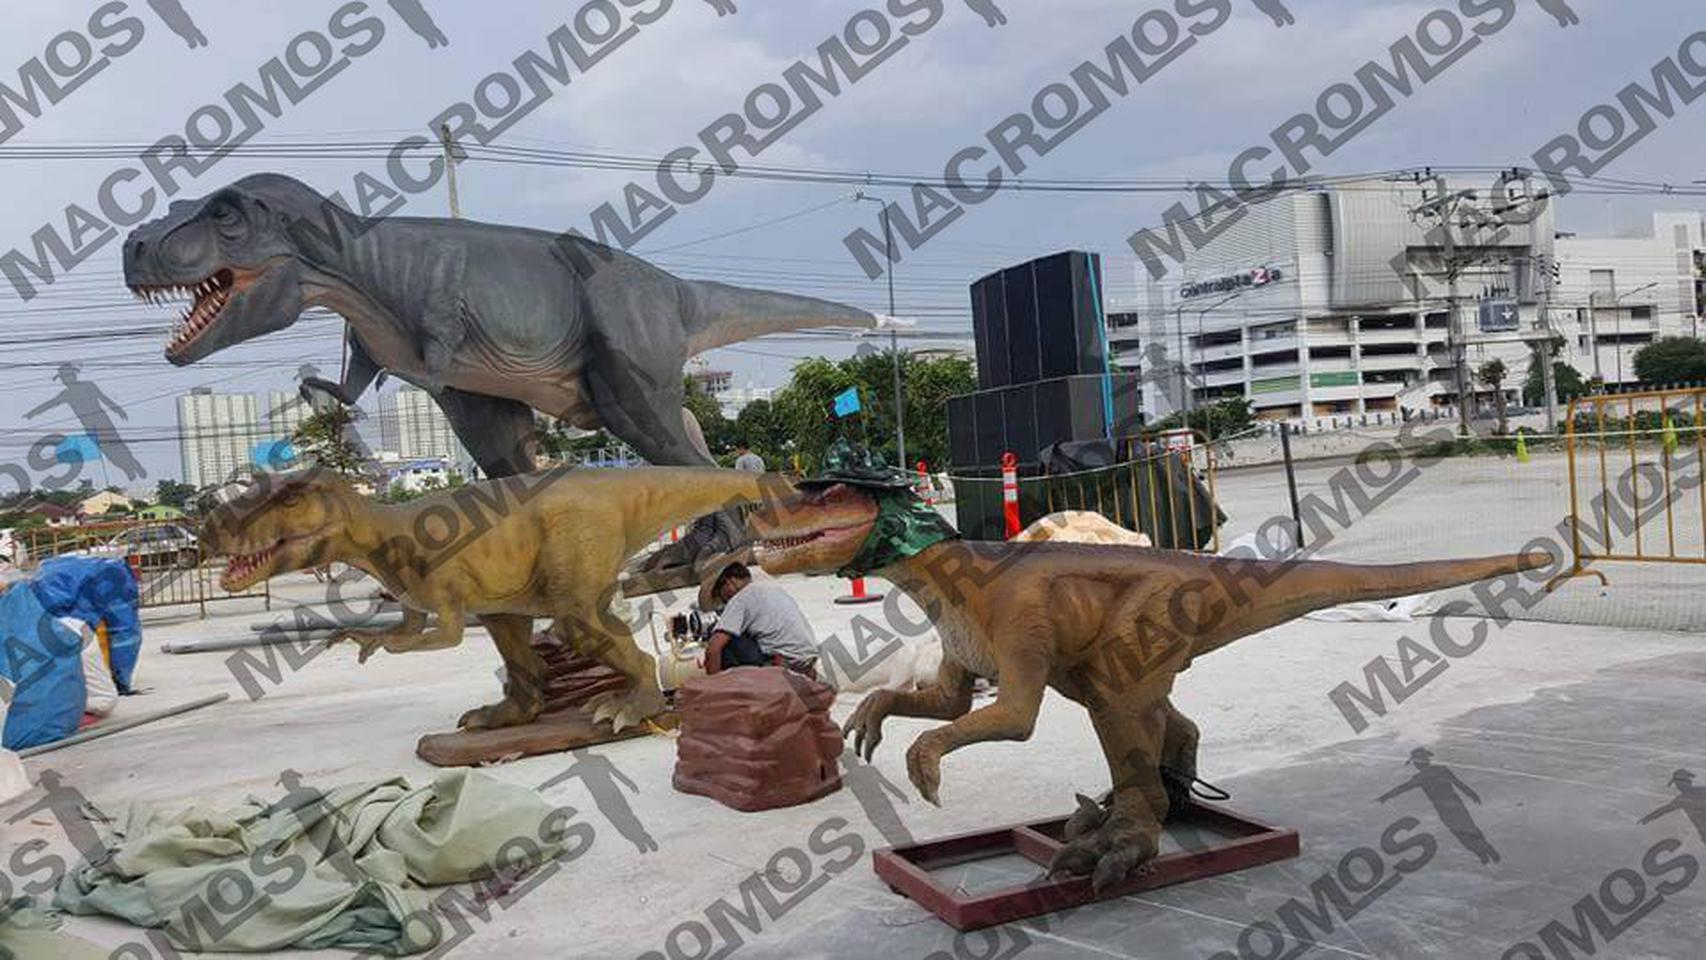 ขาย จำหน่าย ให้เช่า ไดโนเสาร์ Dinosaur T-rex,rapter,dino gate,baby dino รูปที่ 1